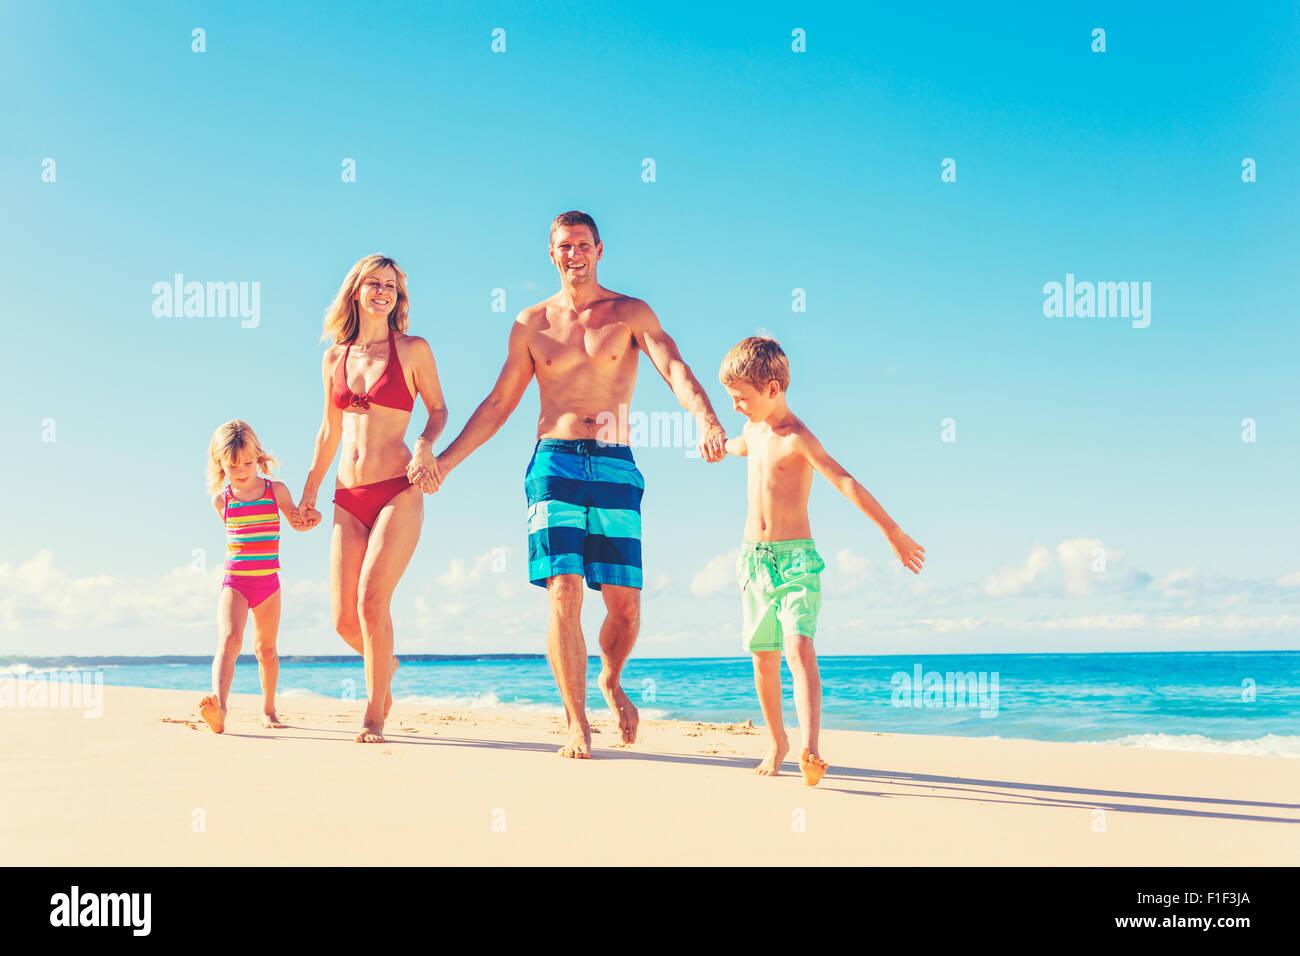 Vacaciones en familia. Feliz familia divirtiéndose en la hermosa cálida y soleada playa. El estilo de Imagen De Stock